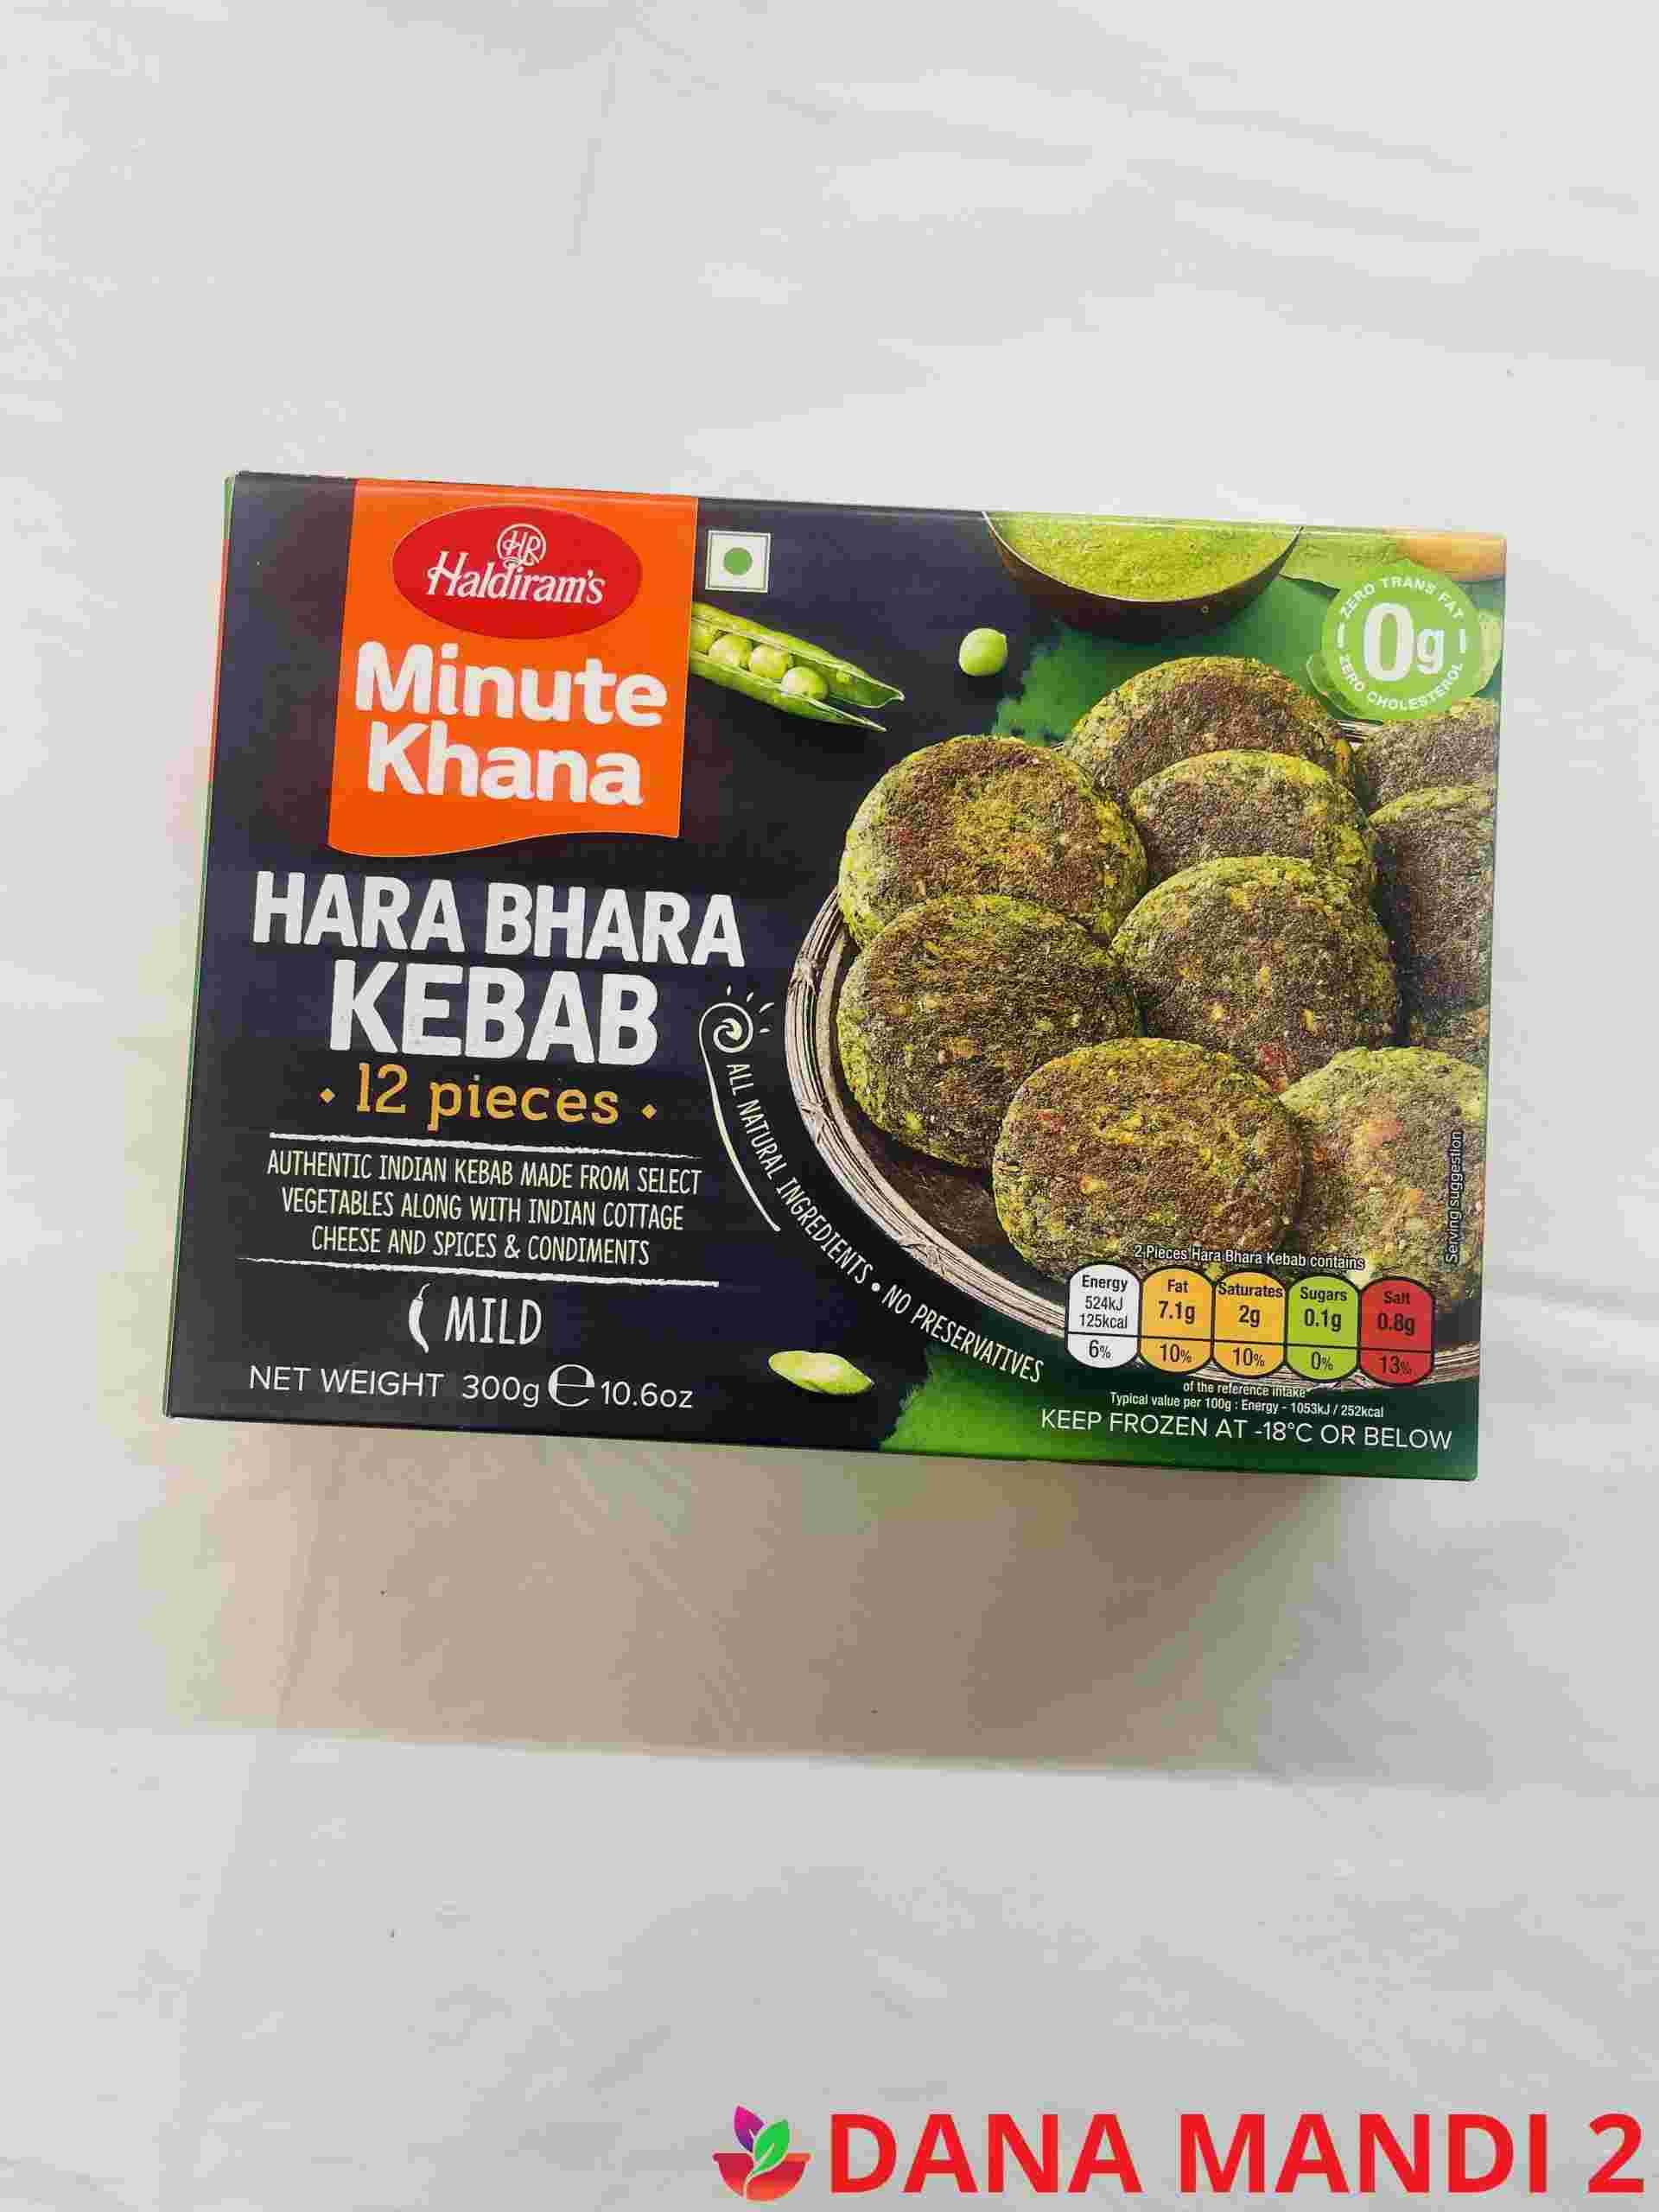 Haldiram's Hara Bhara Kebab 12 Pieces